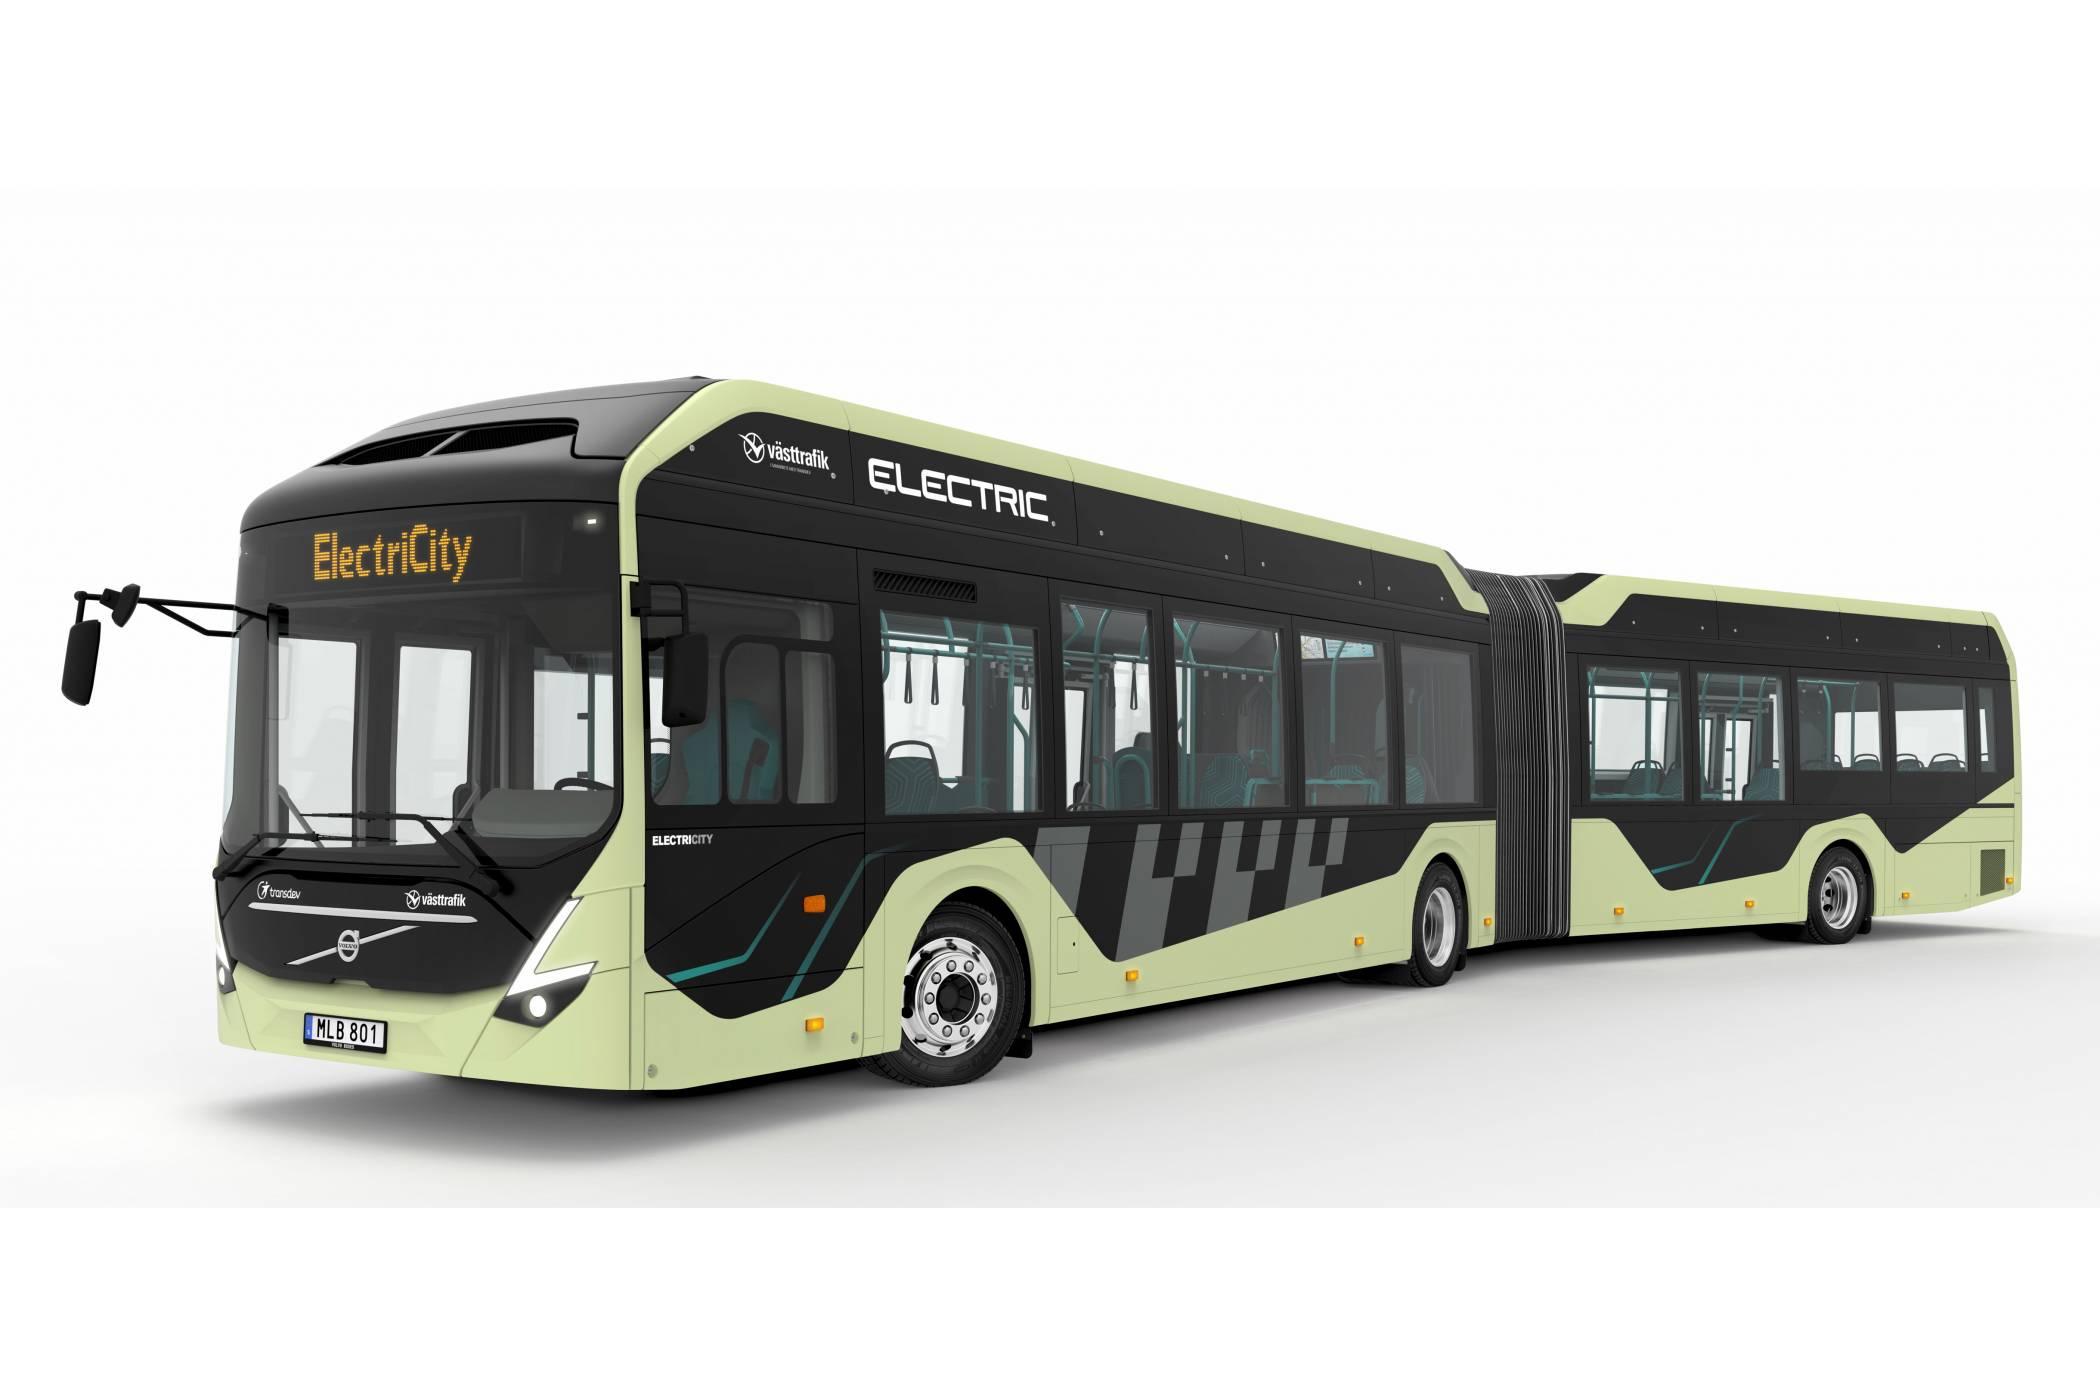 vollelektrischer-volvo-gelenkbus-prototyp-electricity-Gotebrug